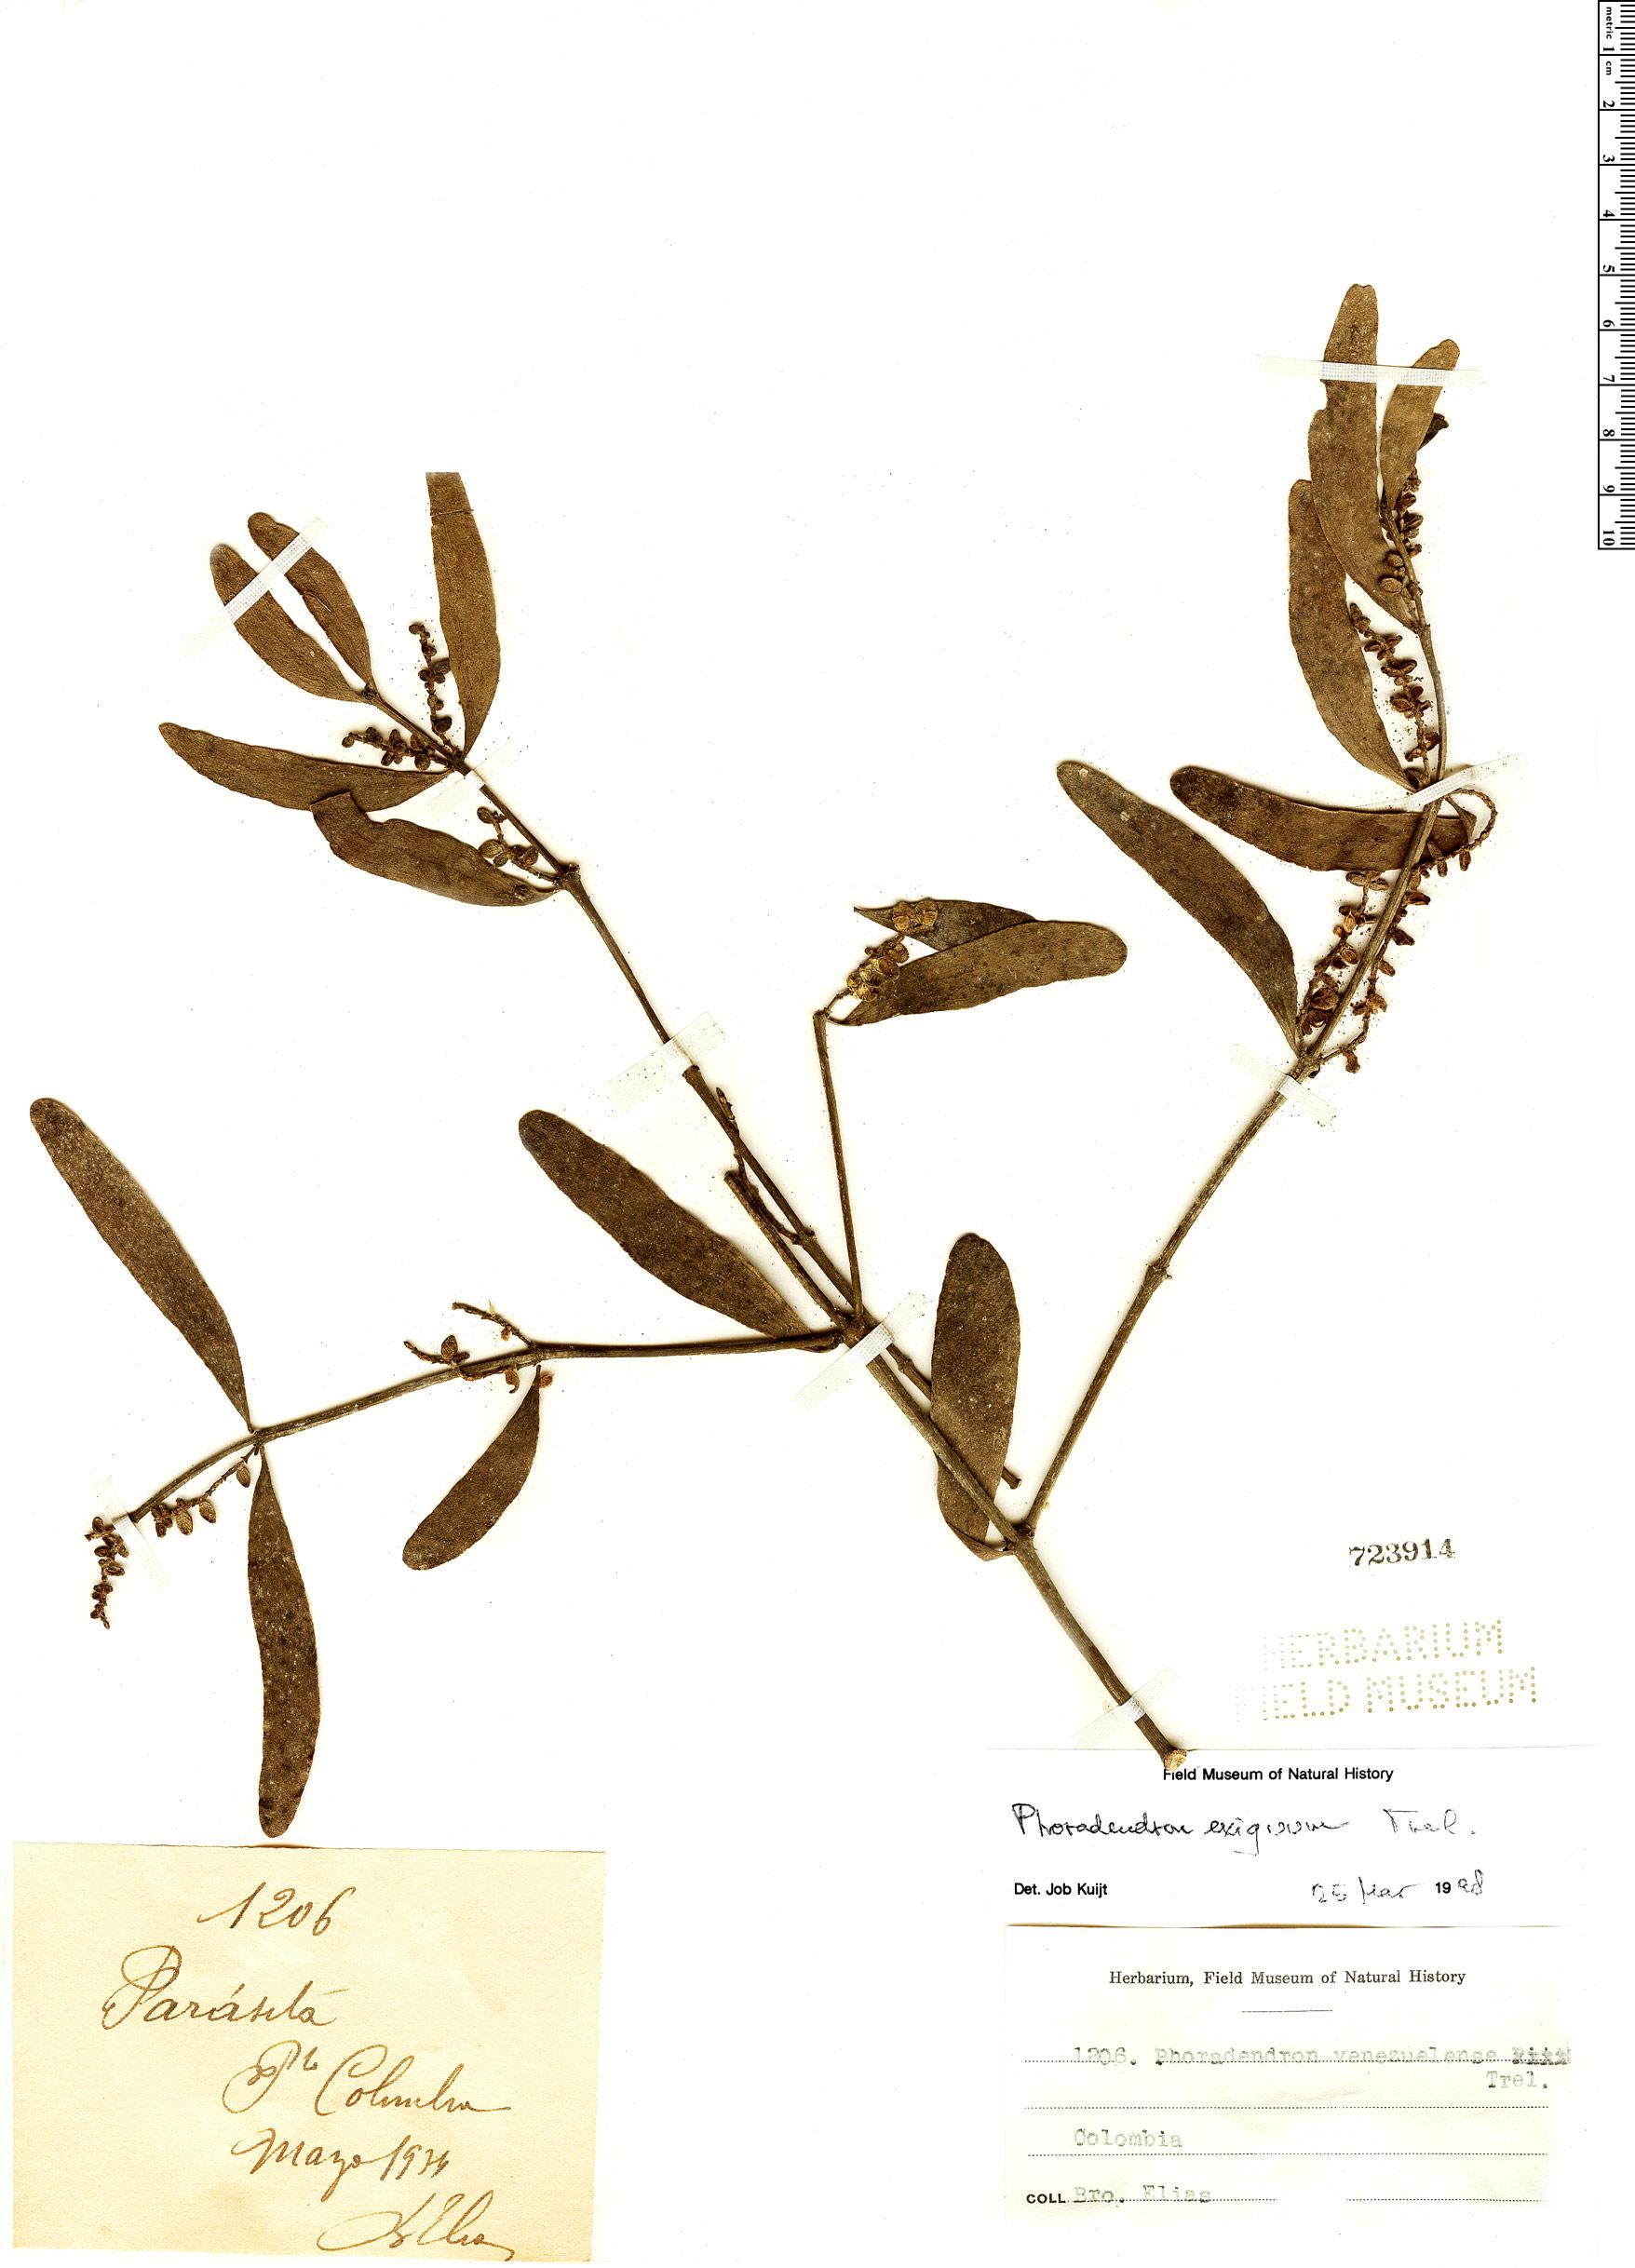 Specimen: Phoradendron quadrangulare